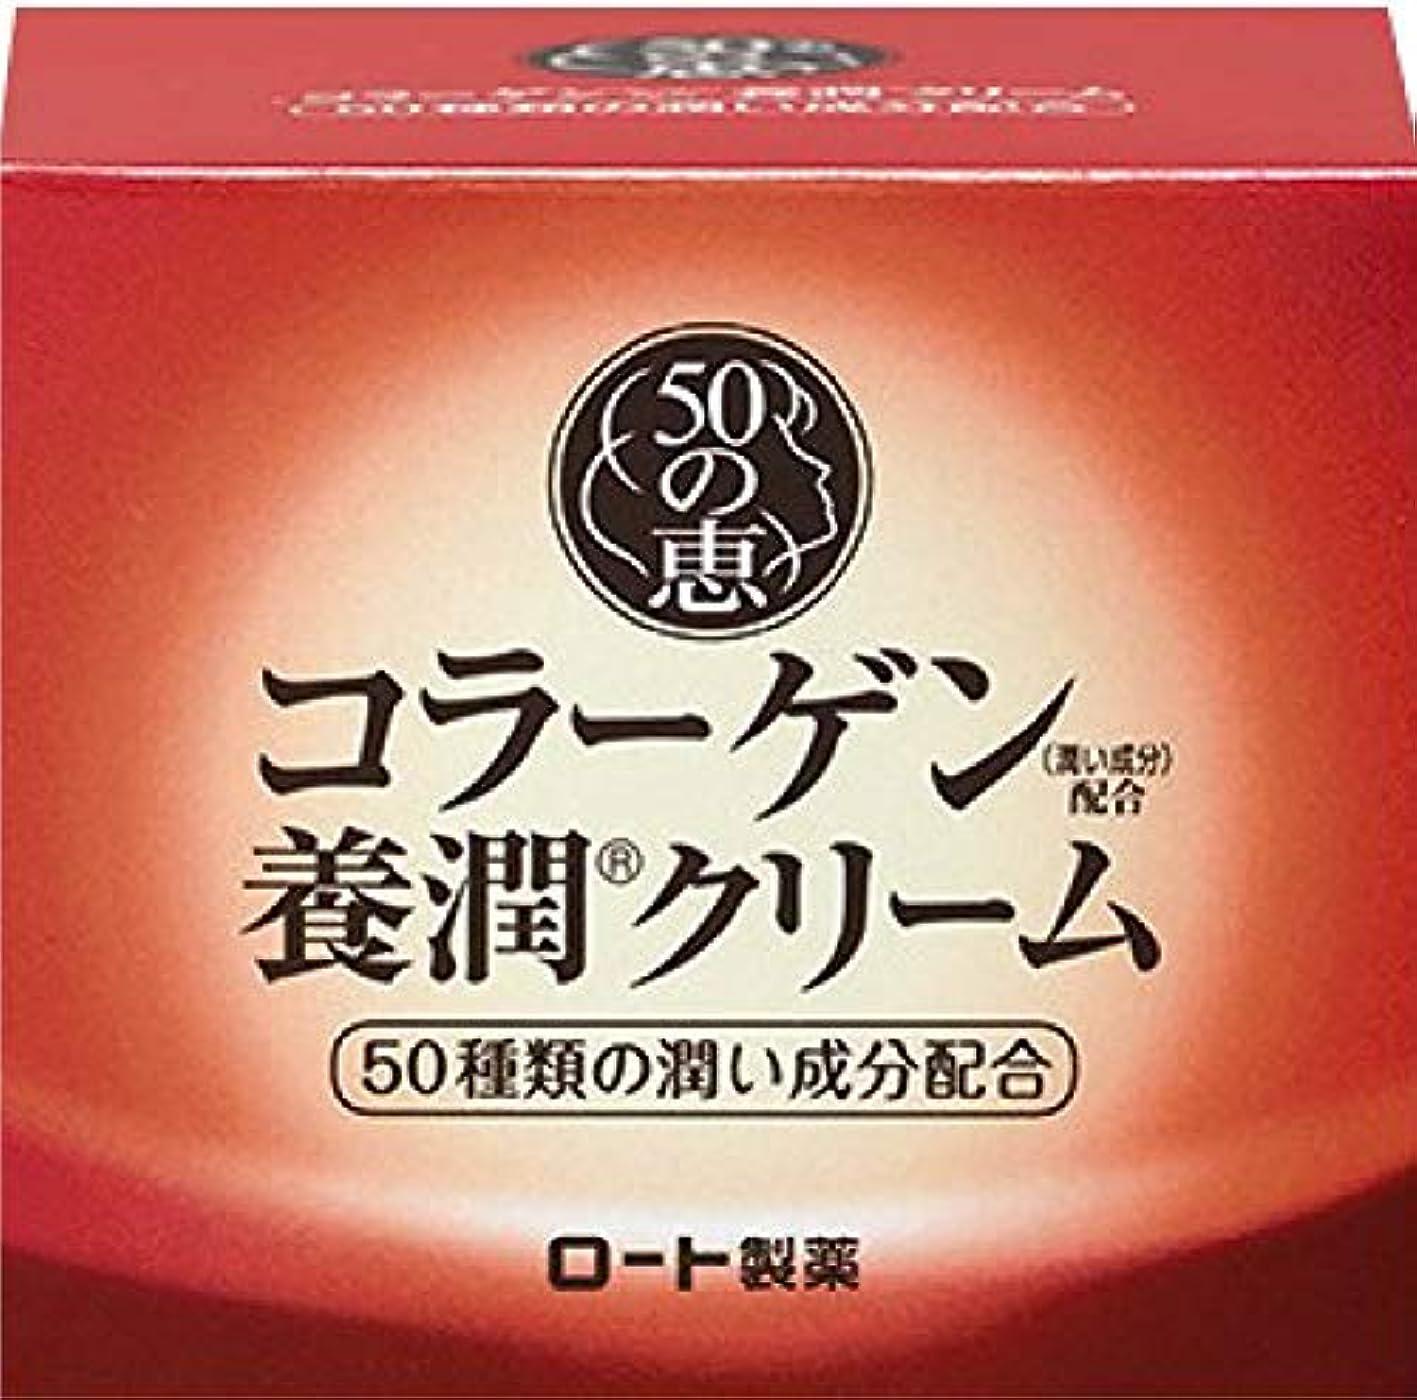 人に関する限り餌圧力ロート製薬 50の恵エイジングケア 養潤成分50種類配合 クリーム 90g